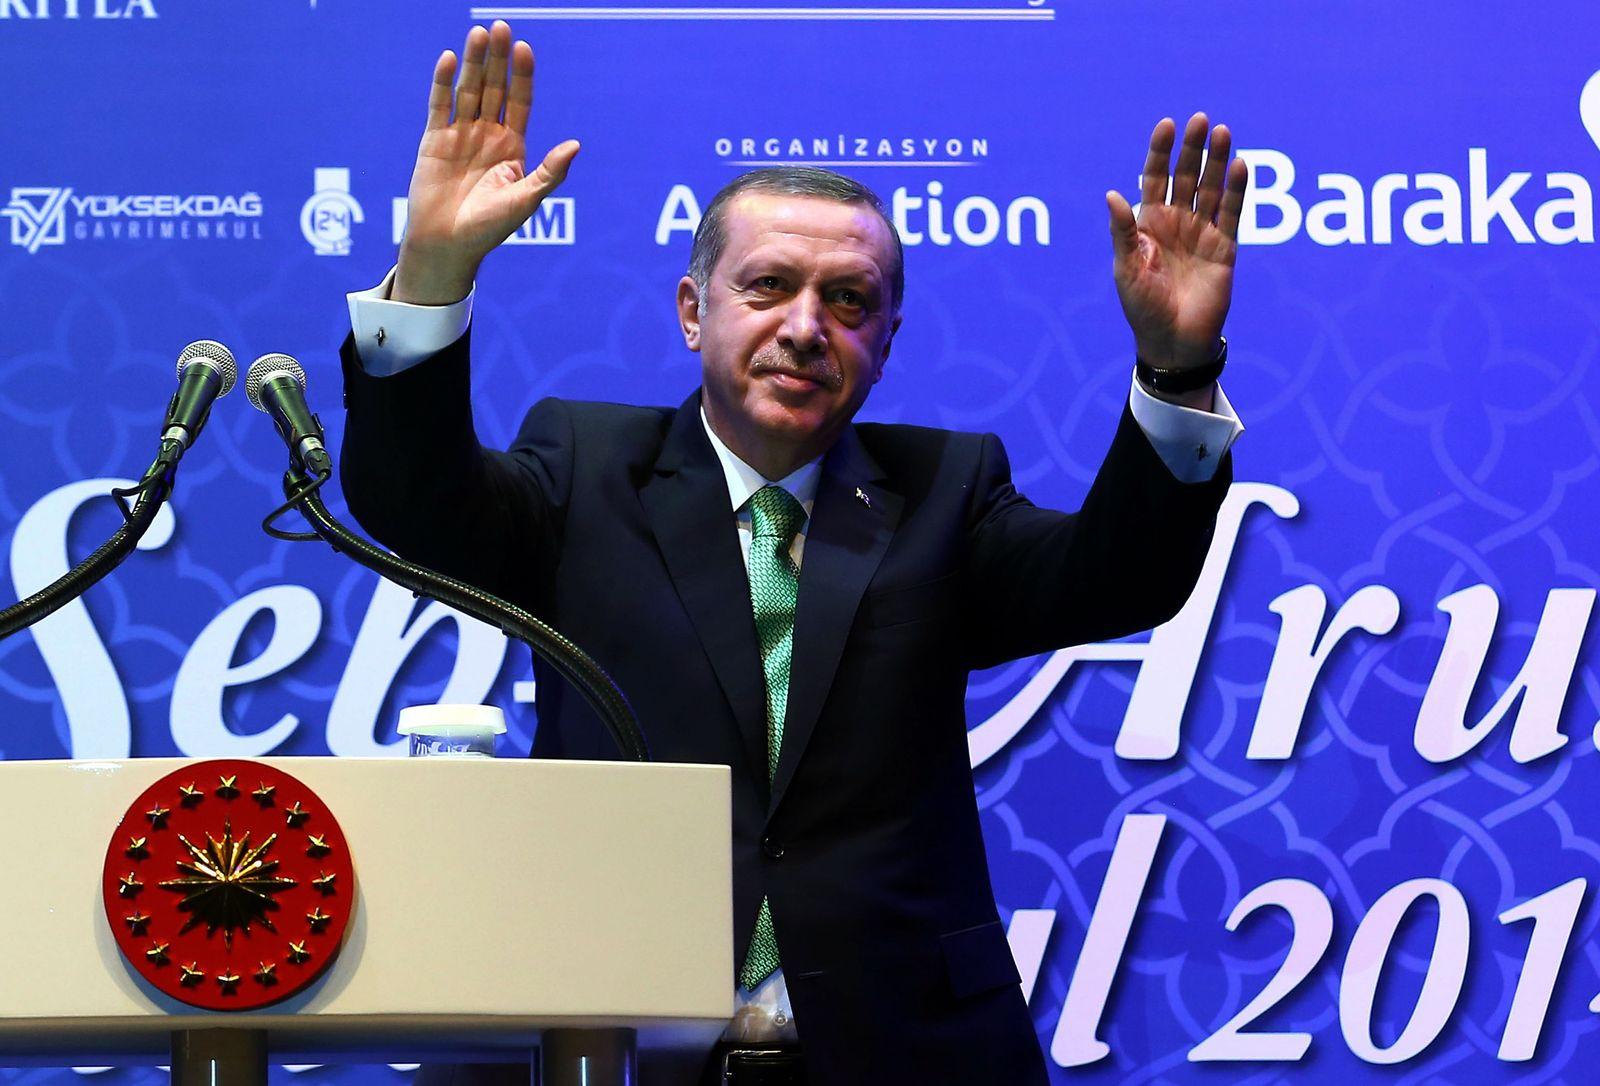 türkei erdogan hände hoch